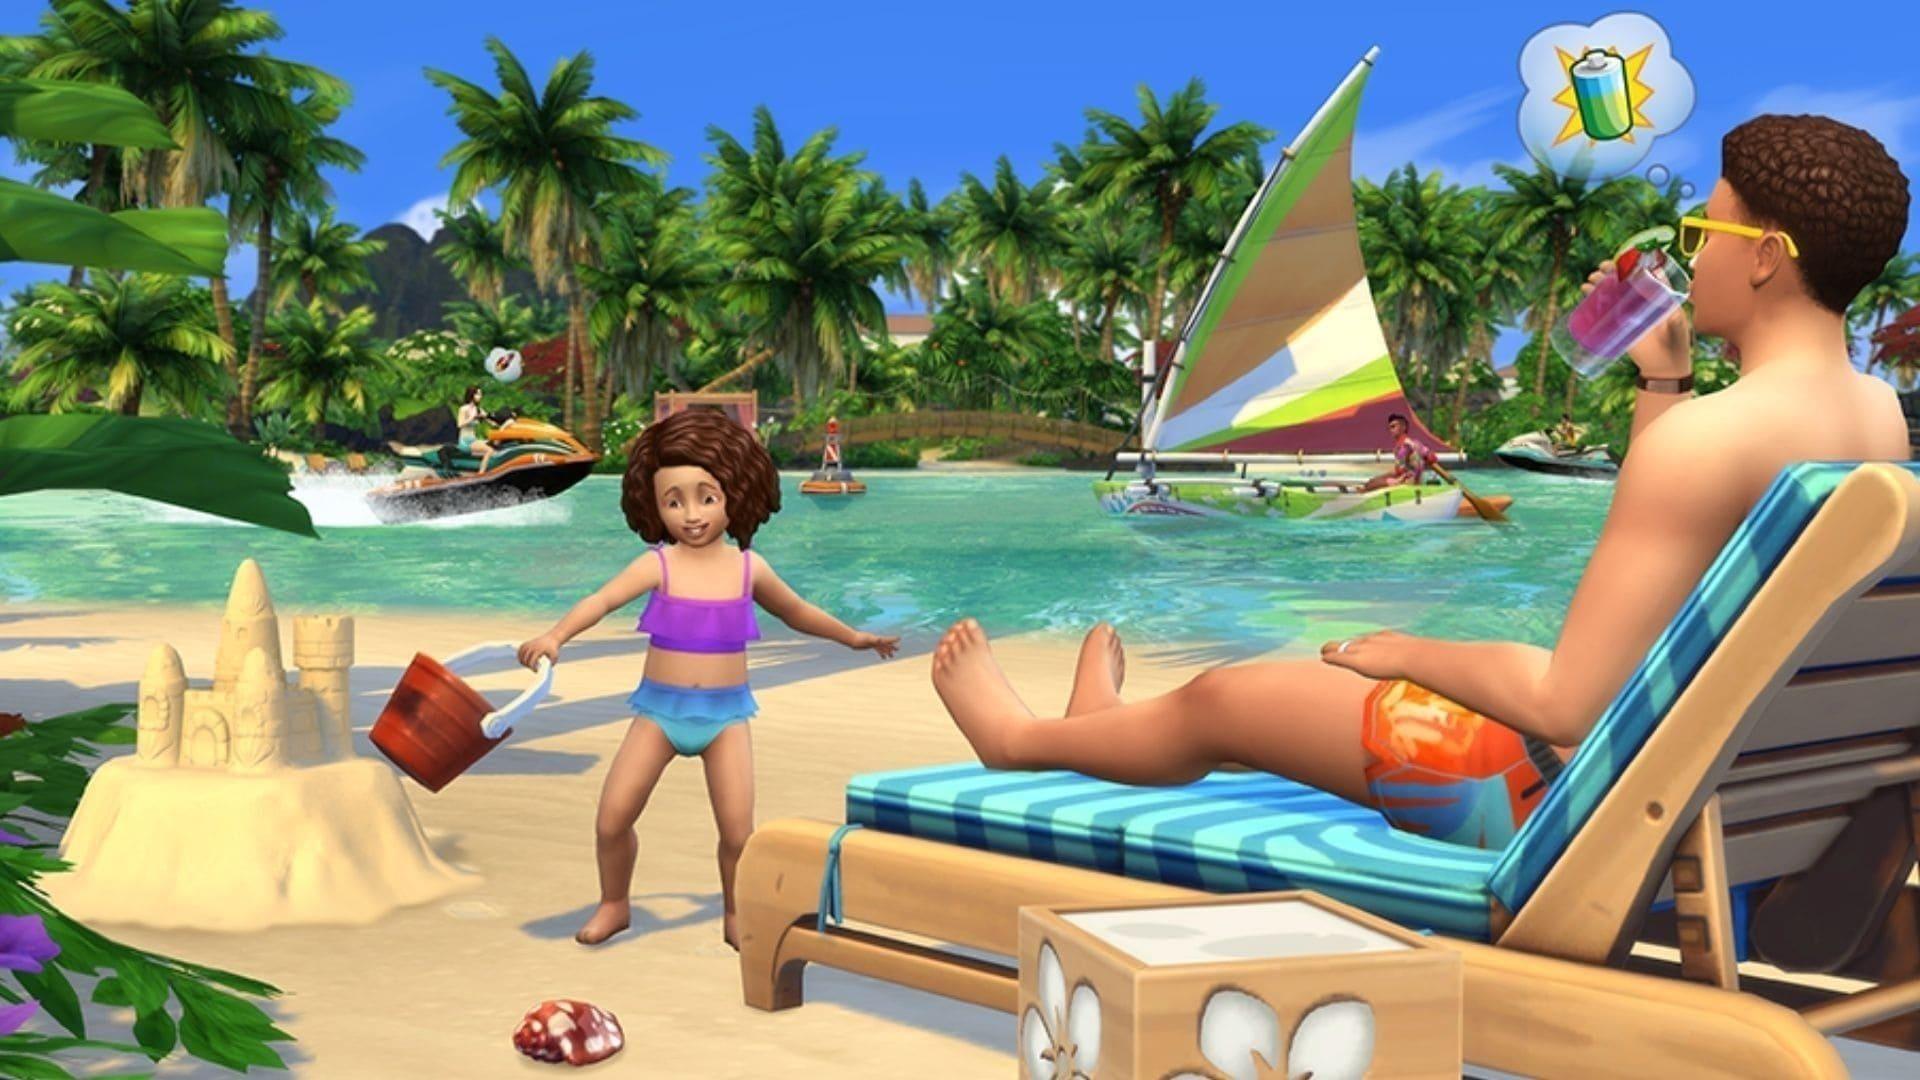 Criança brinca com castelo de areia no The Sims 4 enquanto adulto assiste